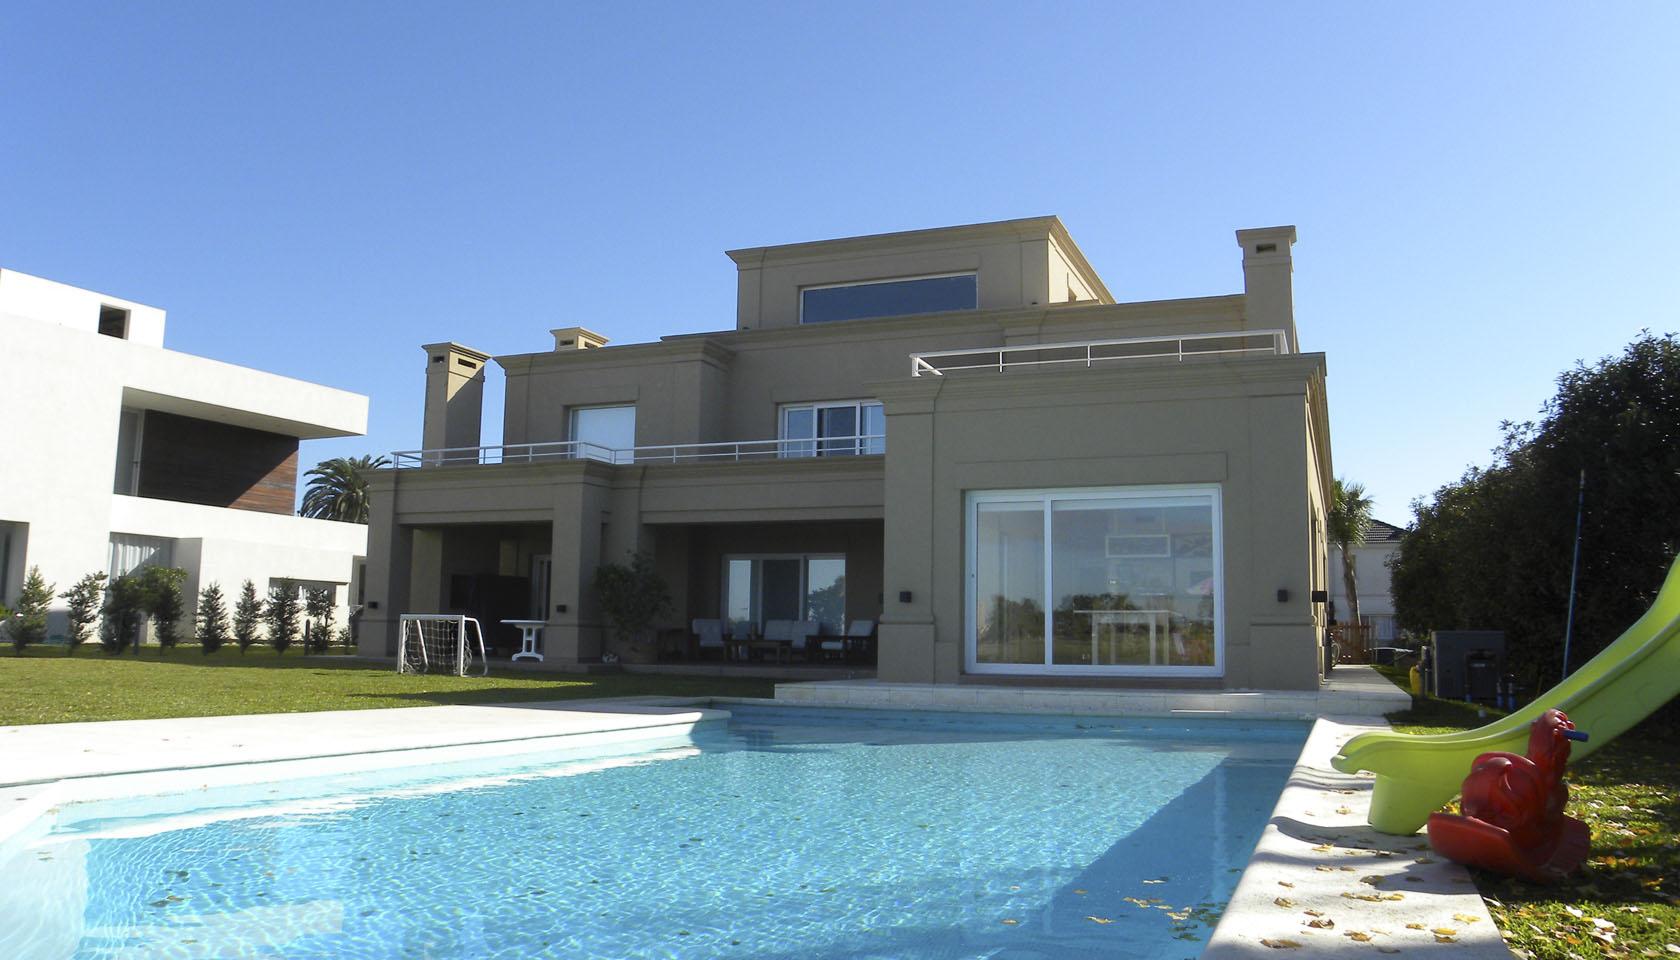 Casa con pileta, casas con jardín grande, pileta en casa clásica